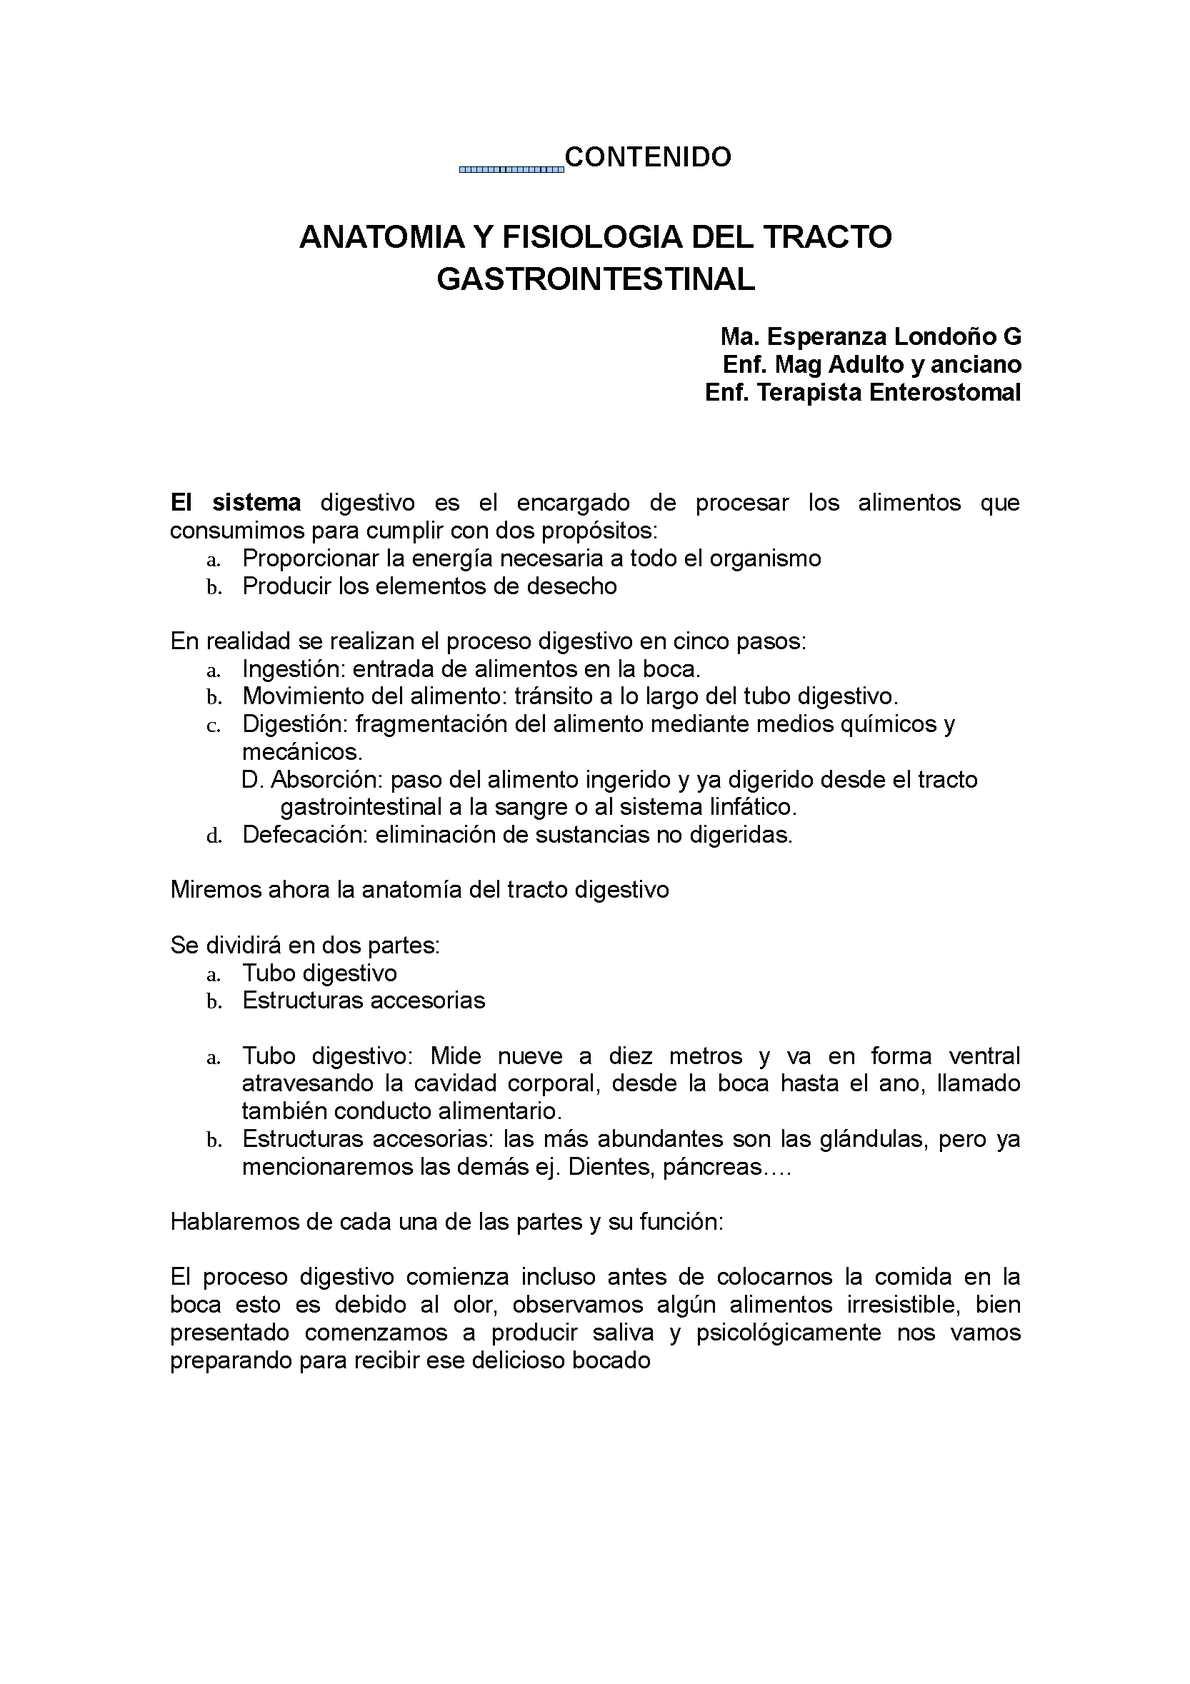 Calaméo - anatomia y fisiologia gastrointestinal